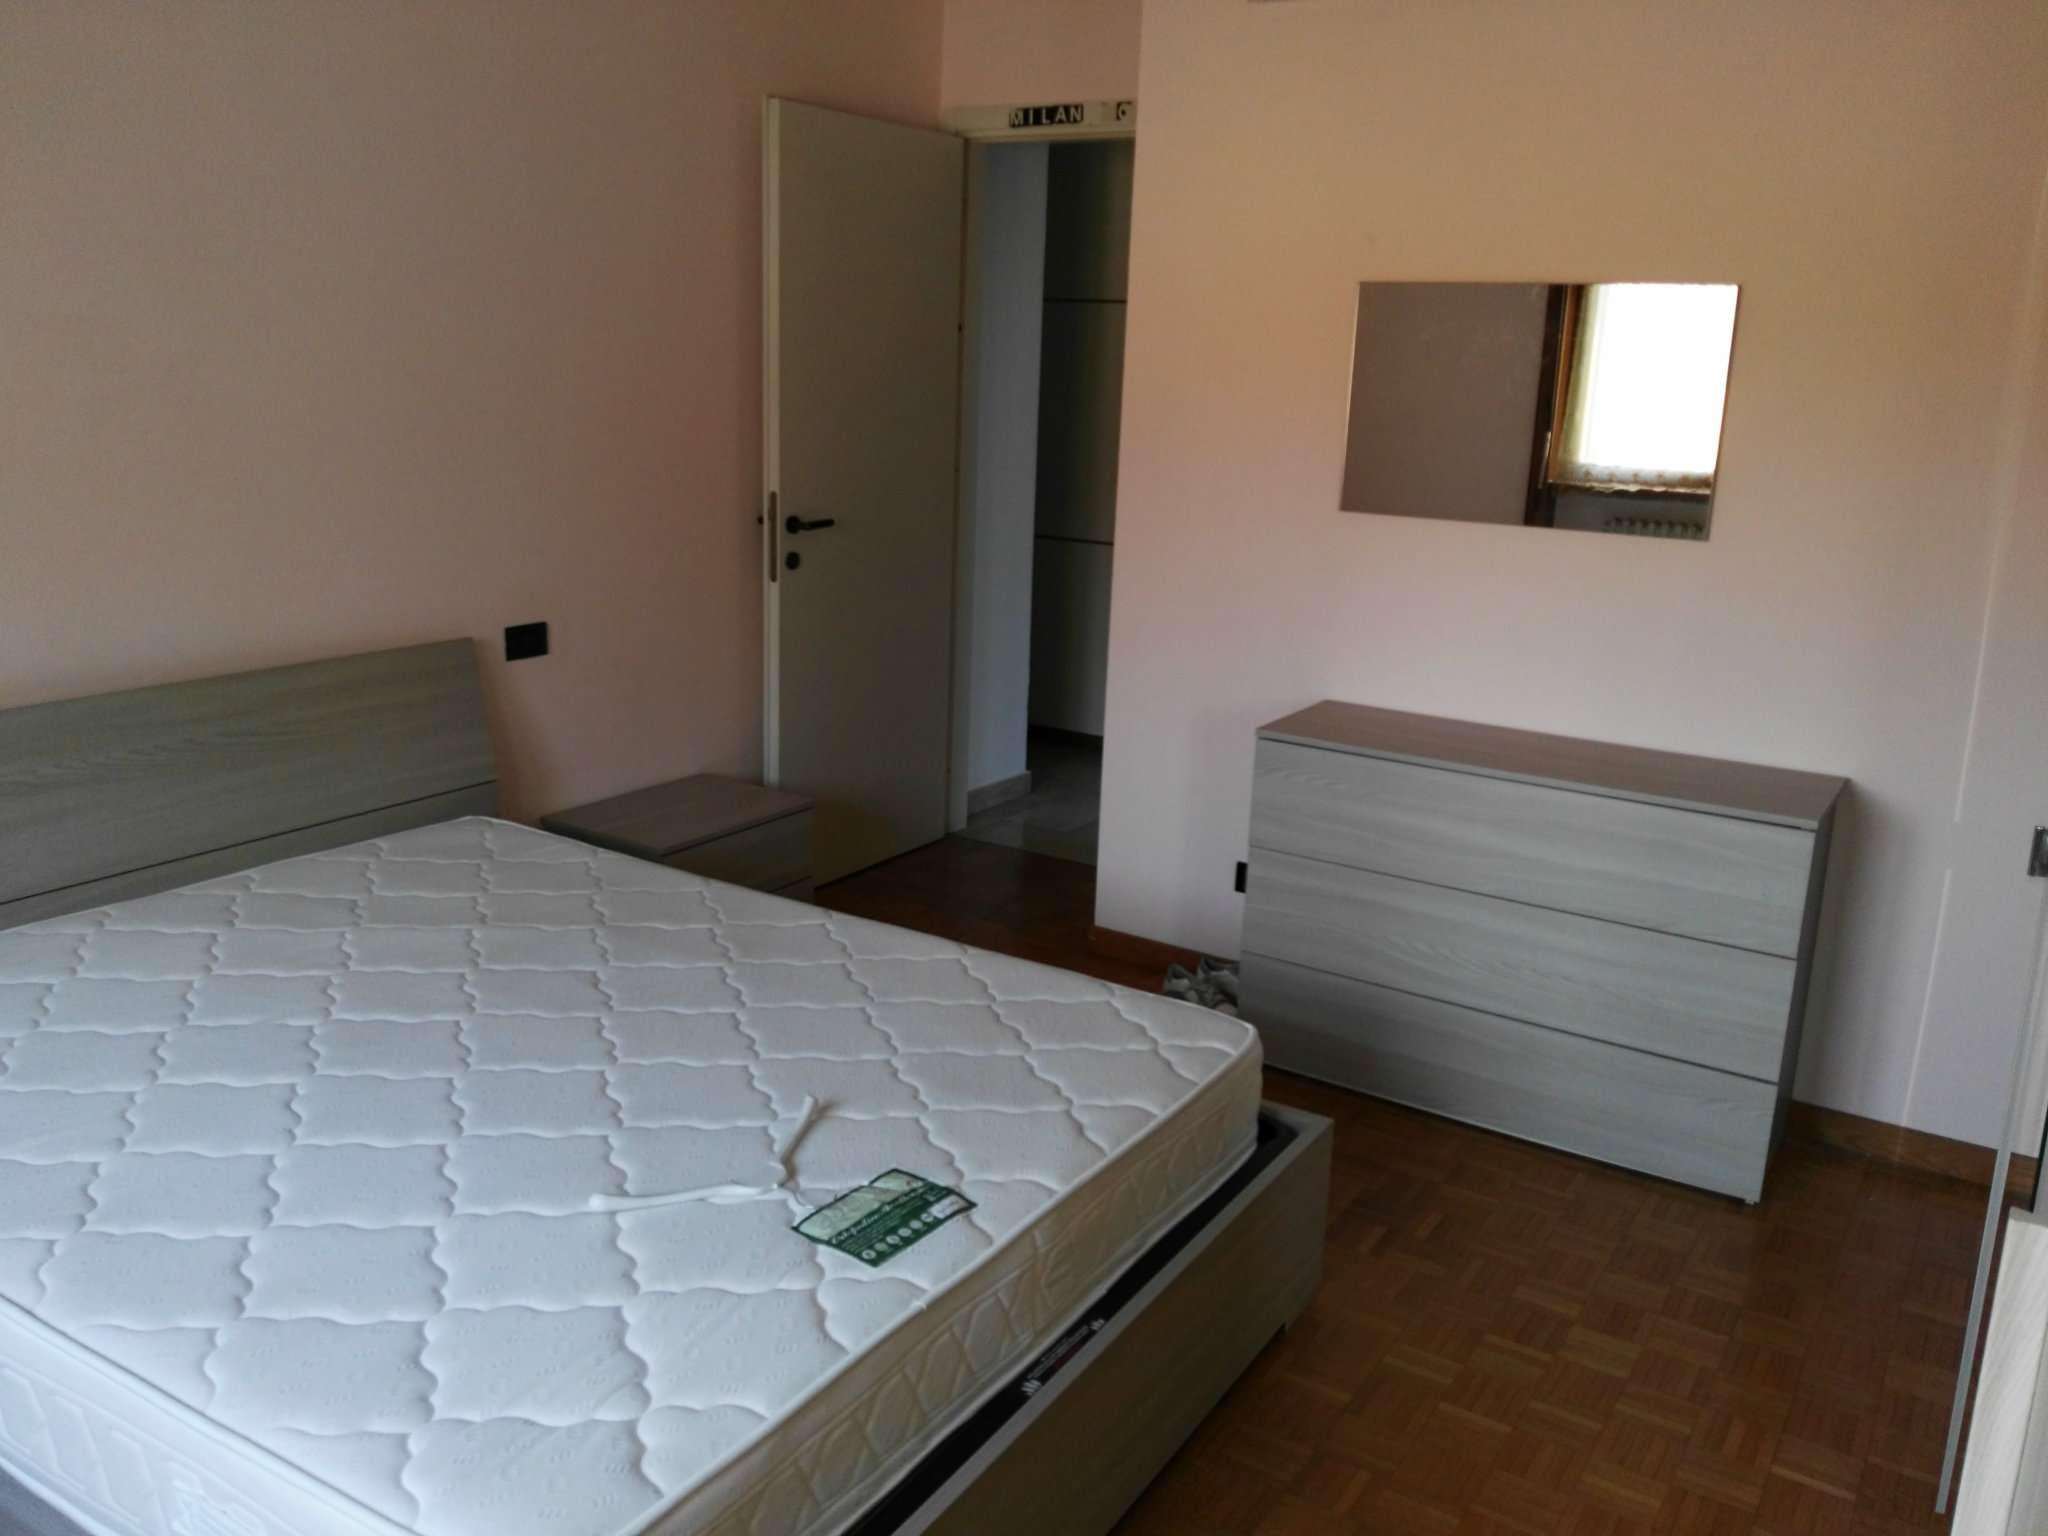 Appartamento in vendita a Buscate, 3 locali, prezzo € 100.000   PortaleAgenzieImmobiliari.it